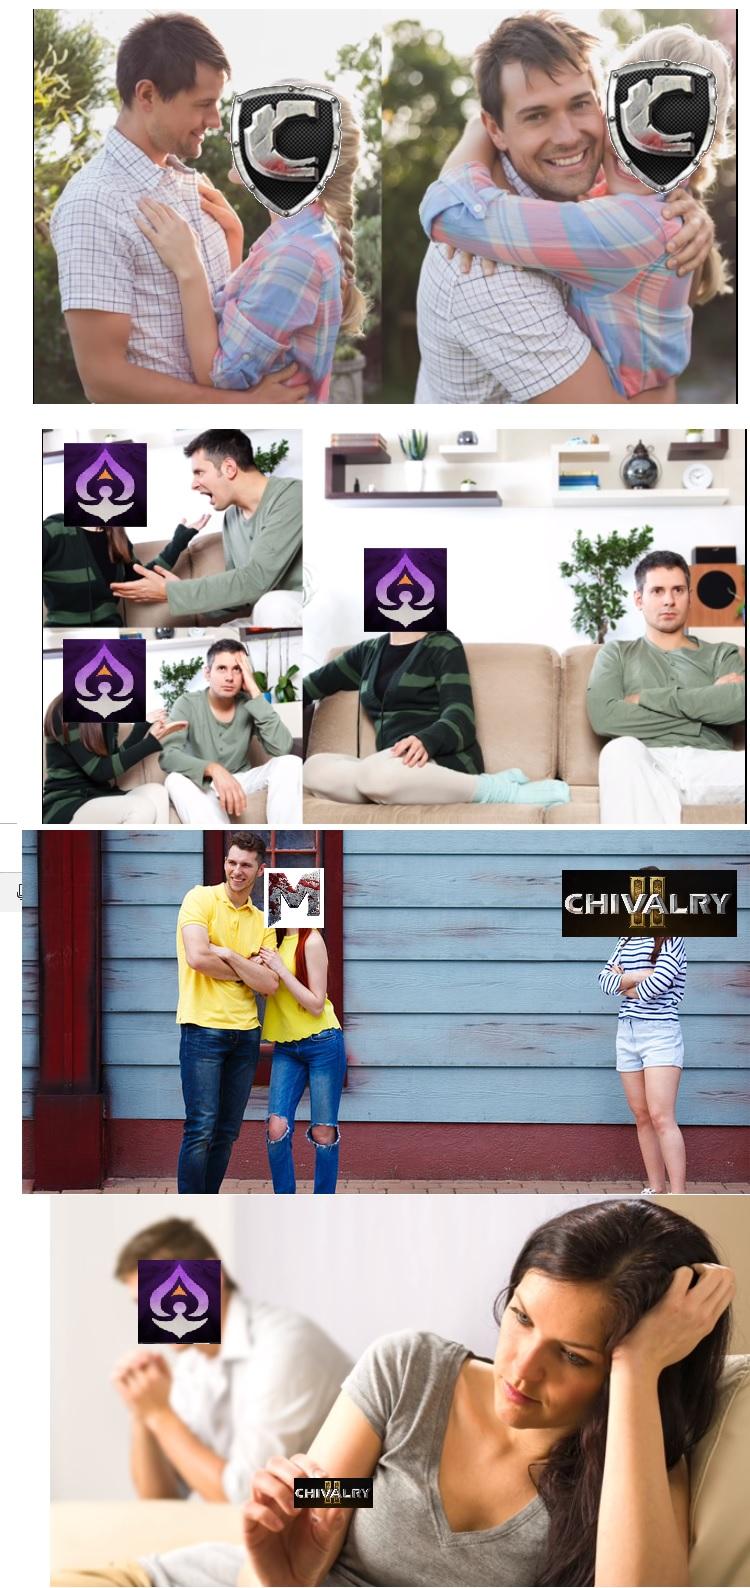 Chiv 2 a.jpg